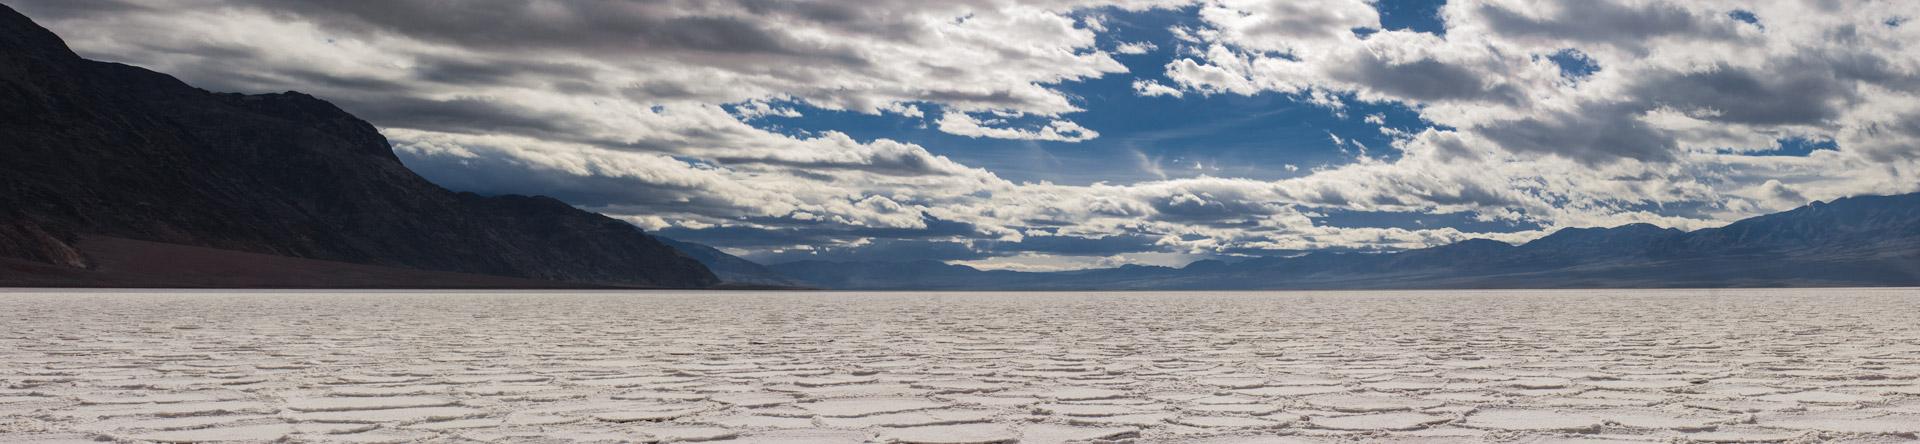 Death_Valley_2.jpg